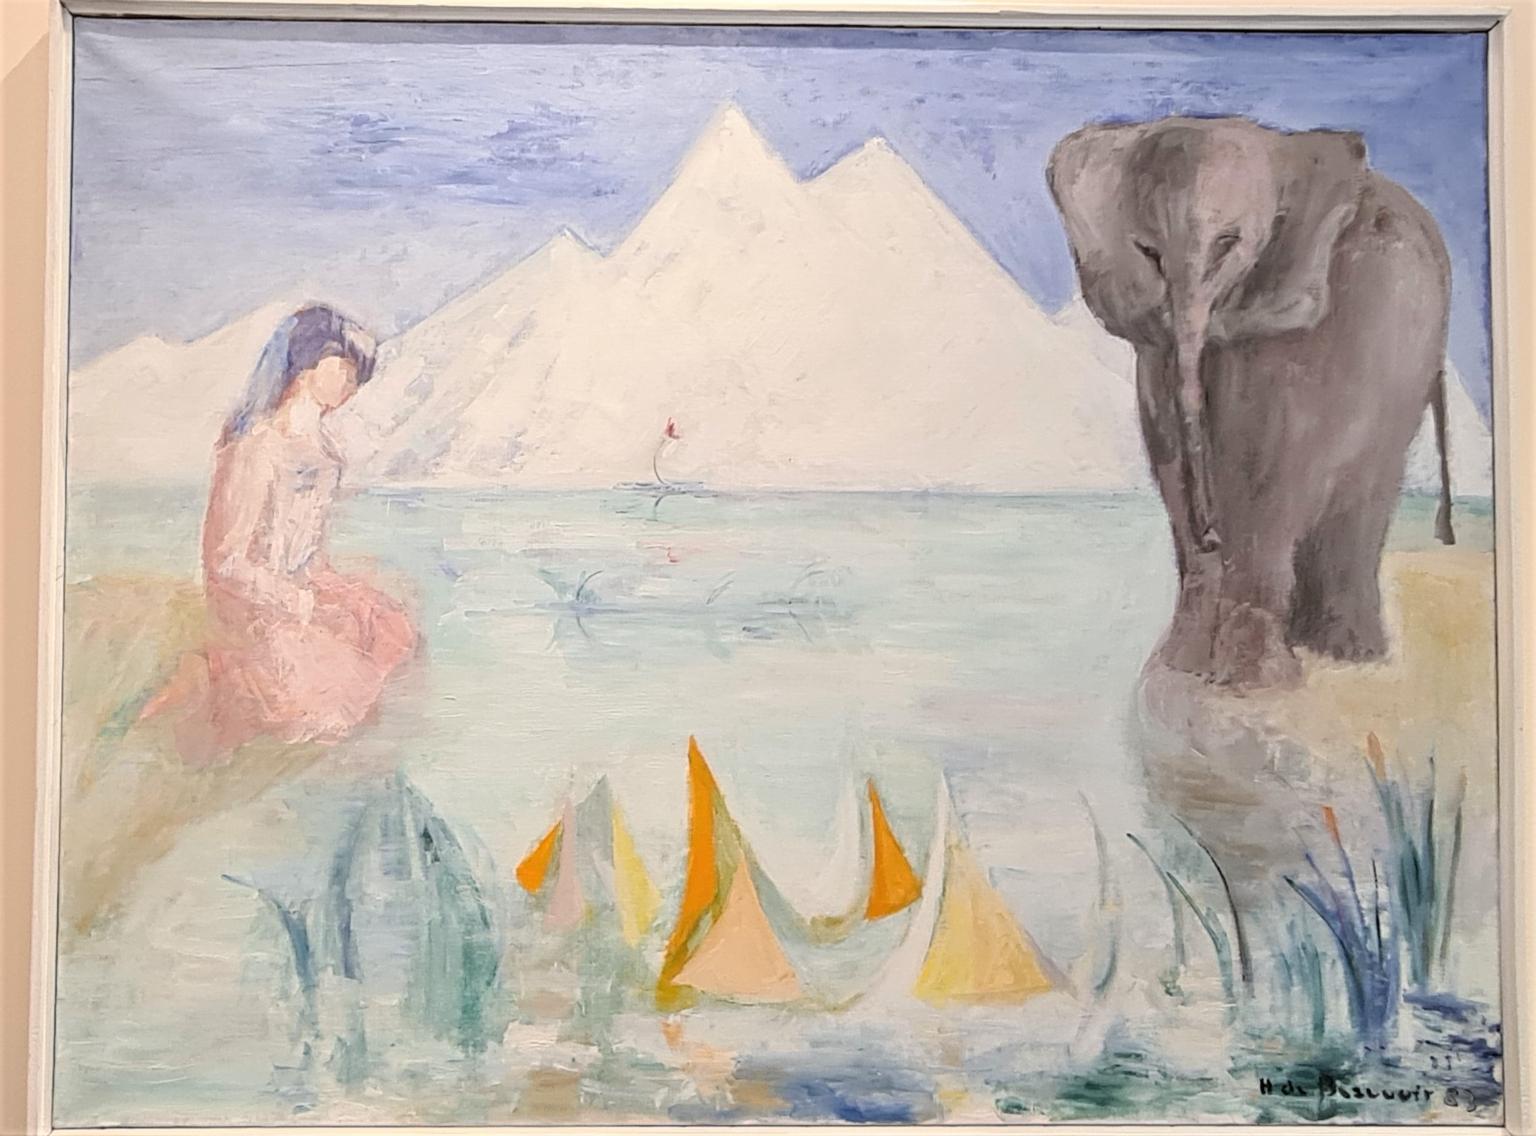 Bild des Werkes mit dem Titel: Au bord de l'eau une dame et un éléphant (Am Rande des Flusses eine Dame und ein Elefant)